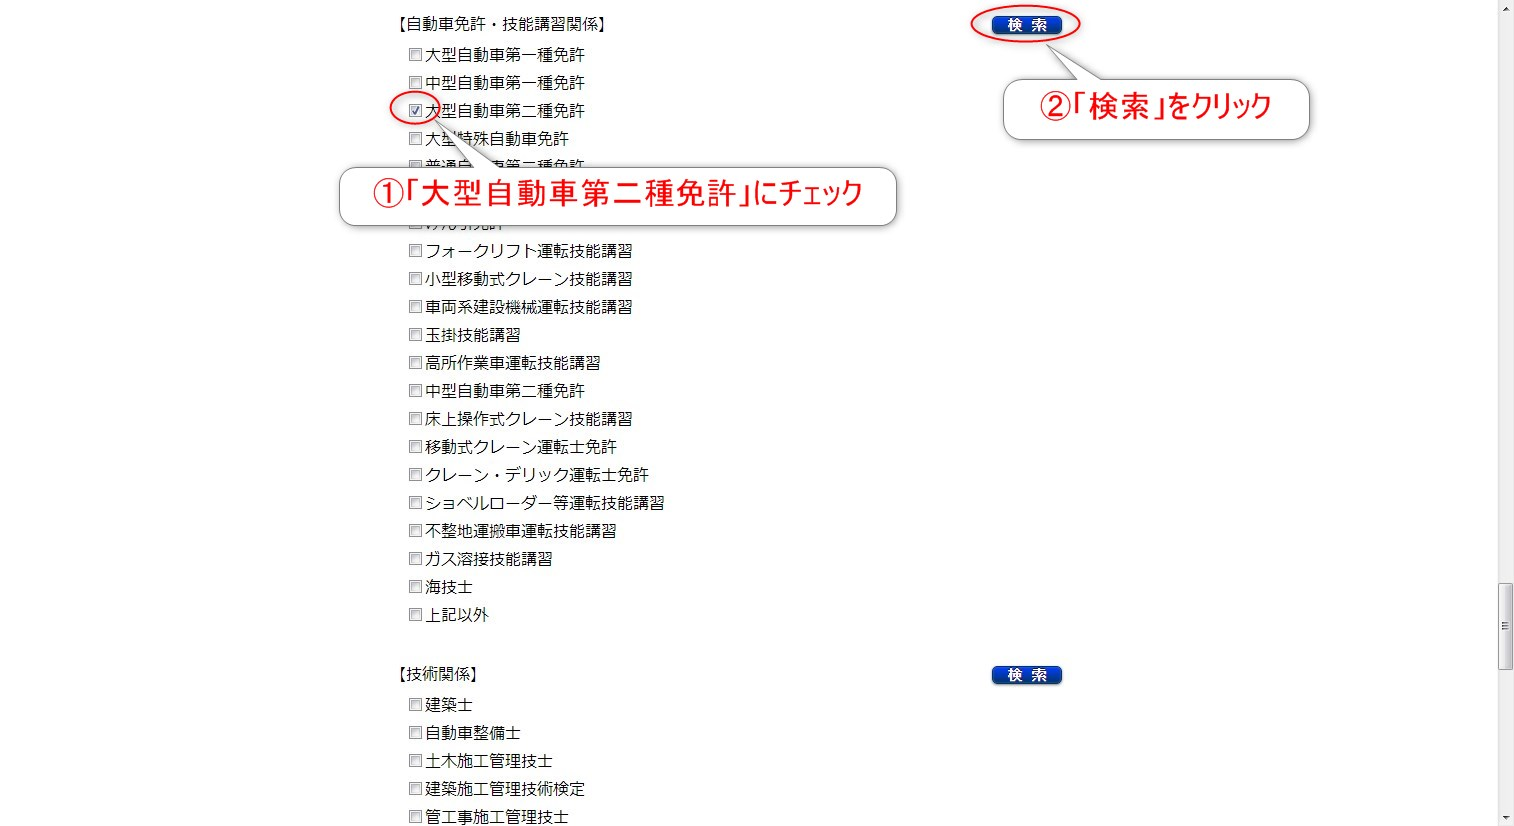 12-04-06_大型二種免許の検索方法